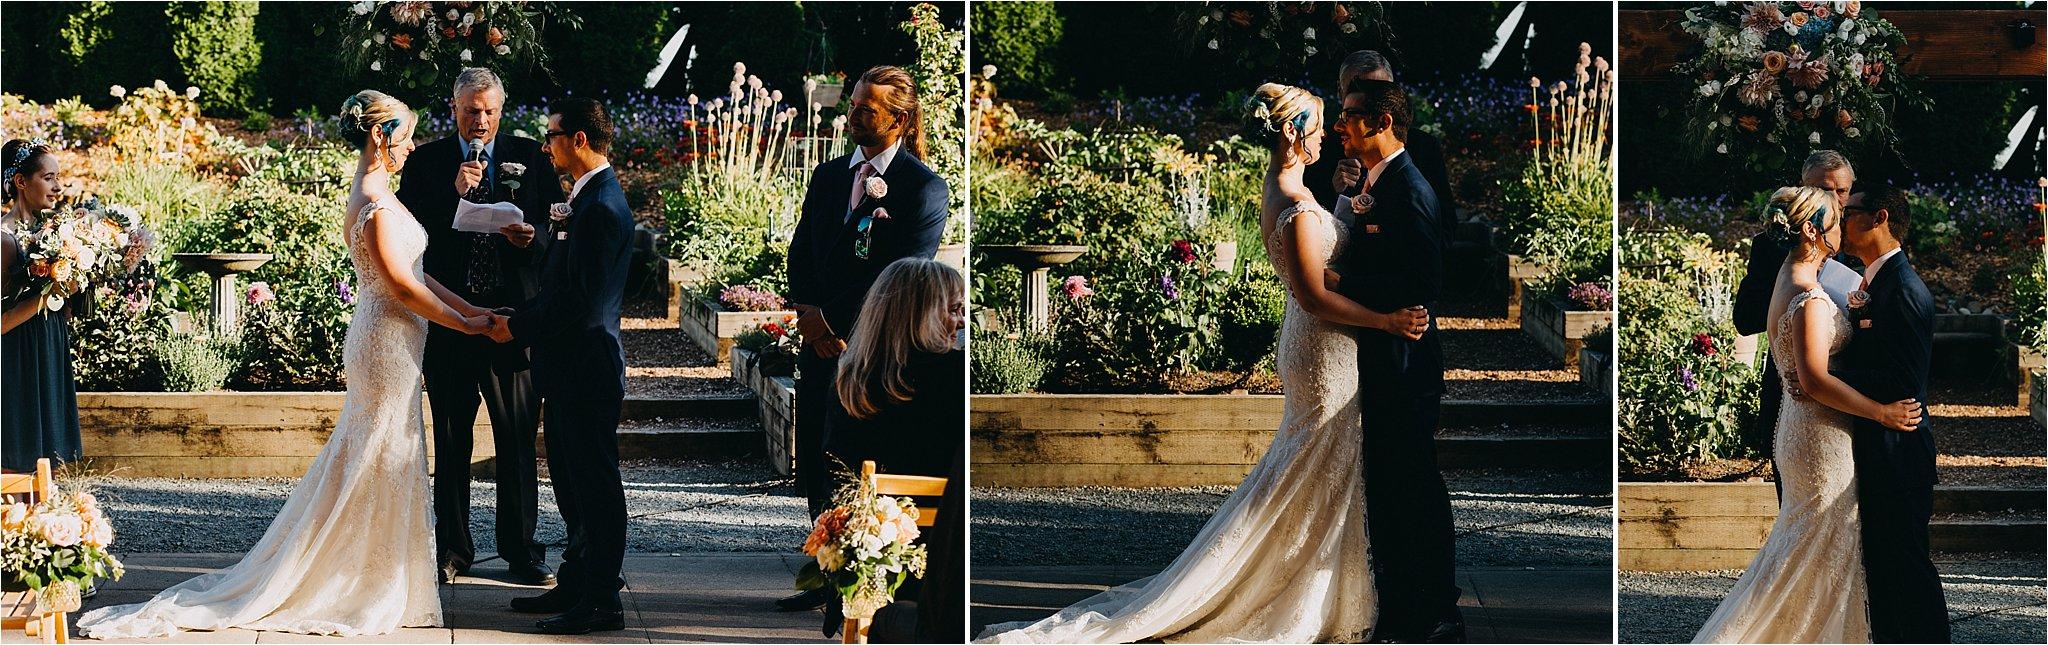 willows-lodge-ann-eric-wedding33.jpg